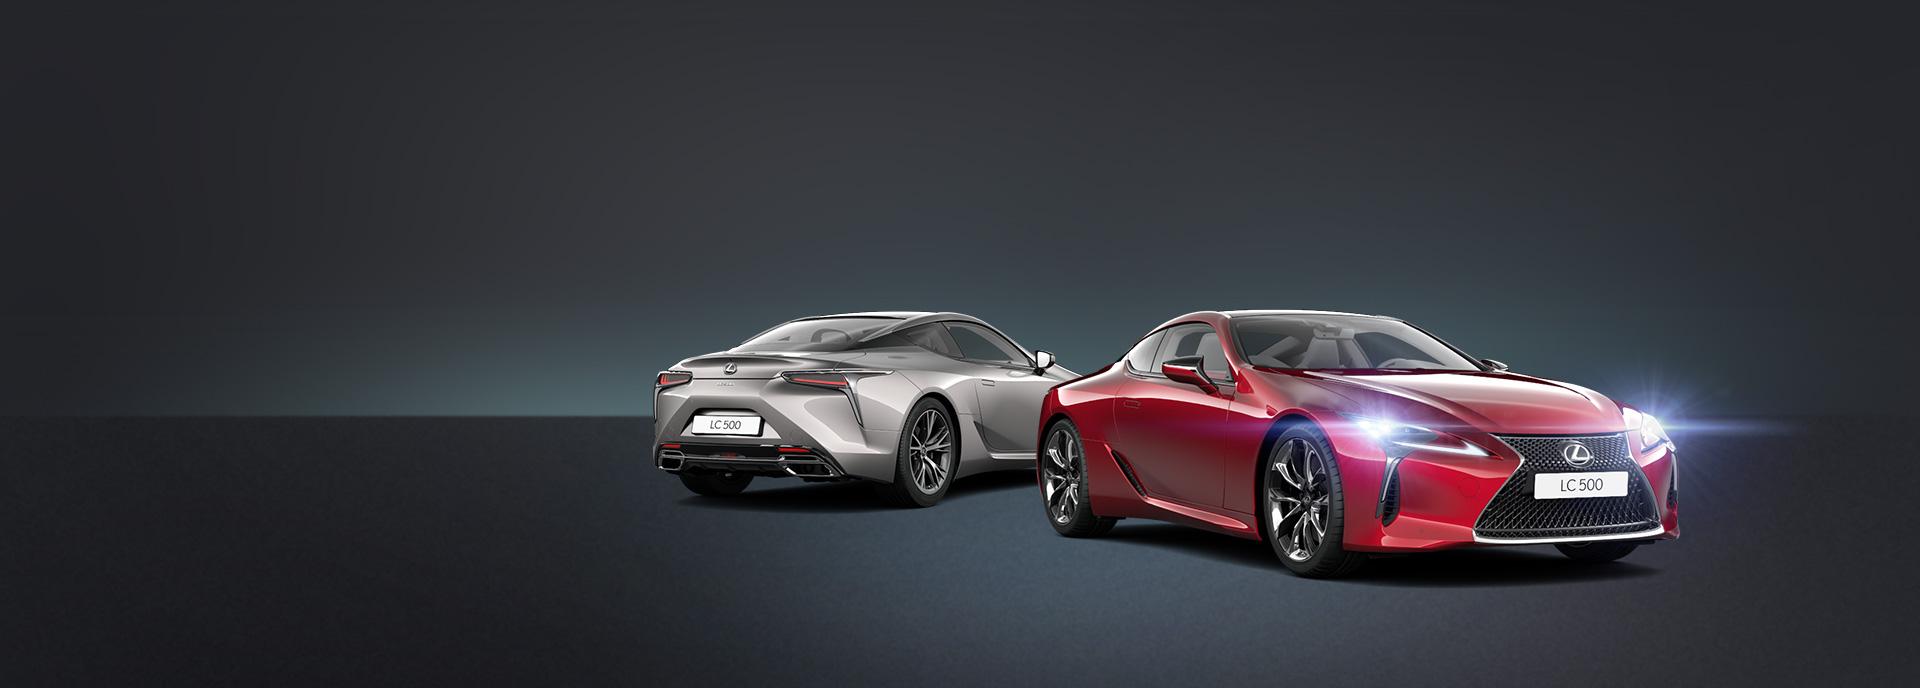 2017 Lexus LC 500 build promo